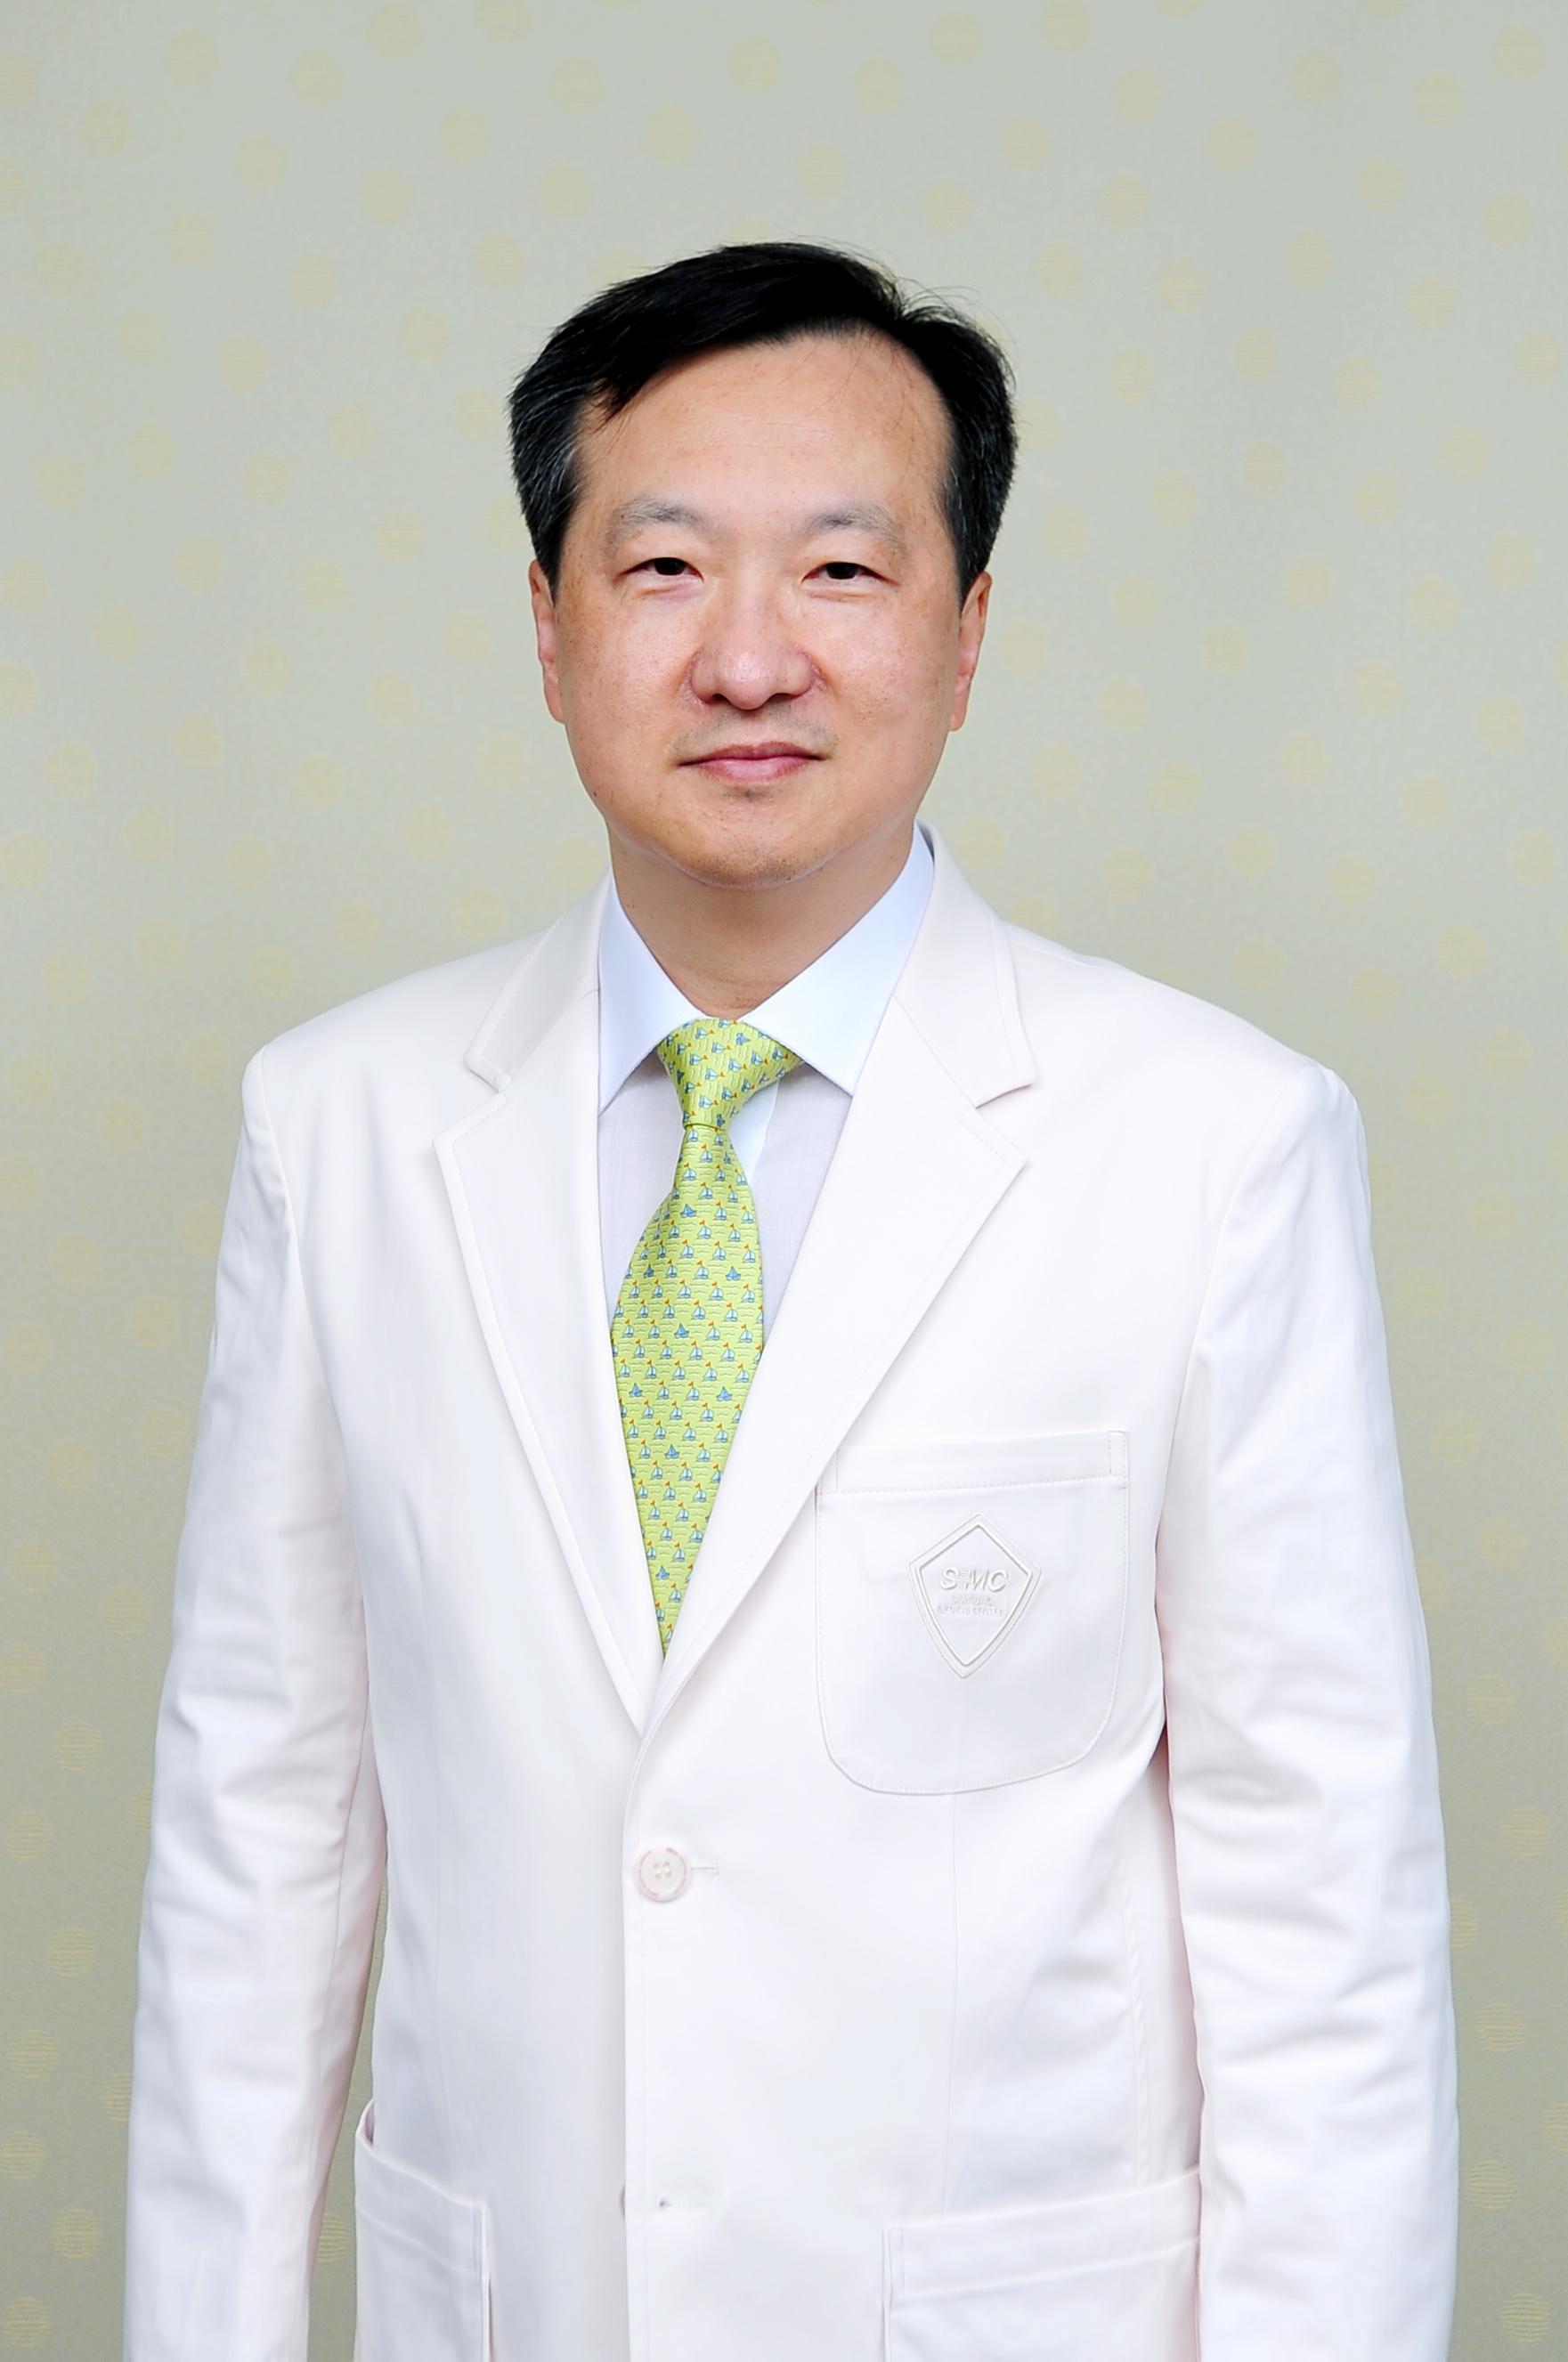 소아청소년센터장 진동규교수